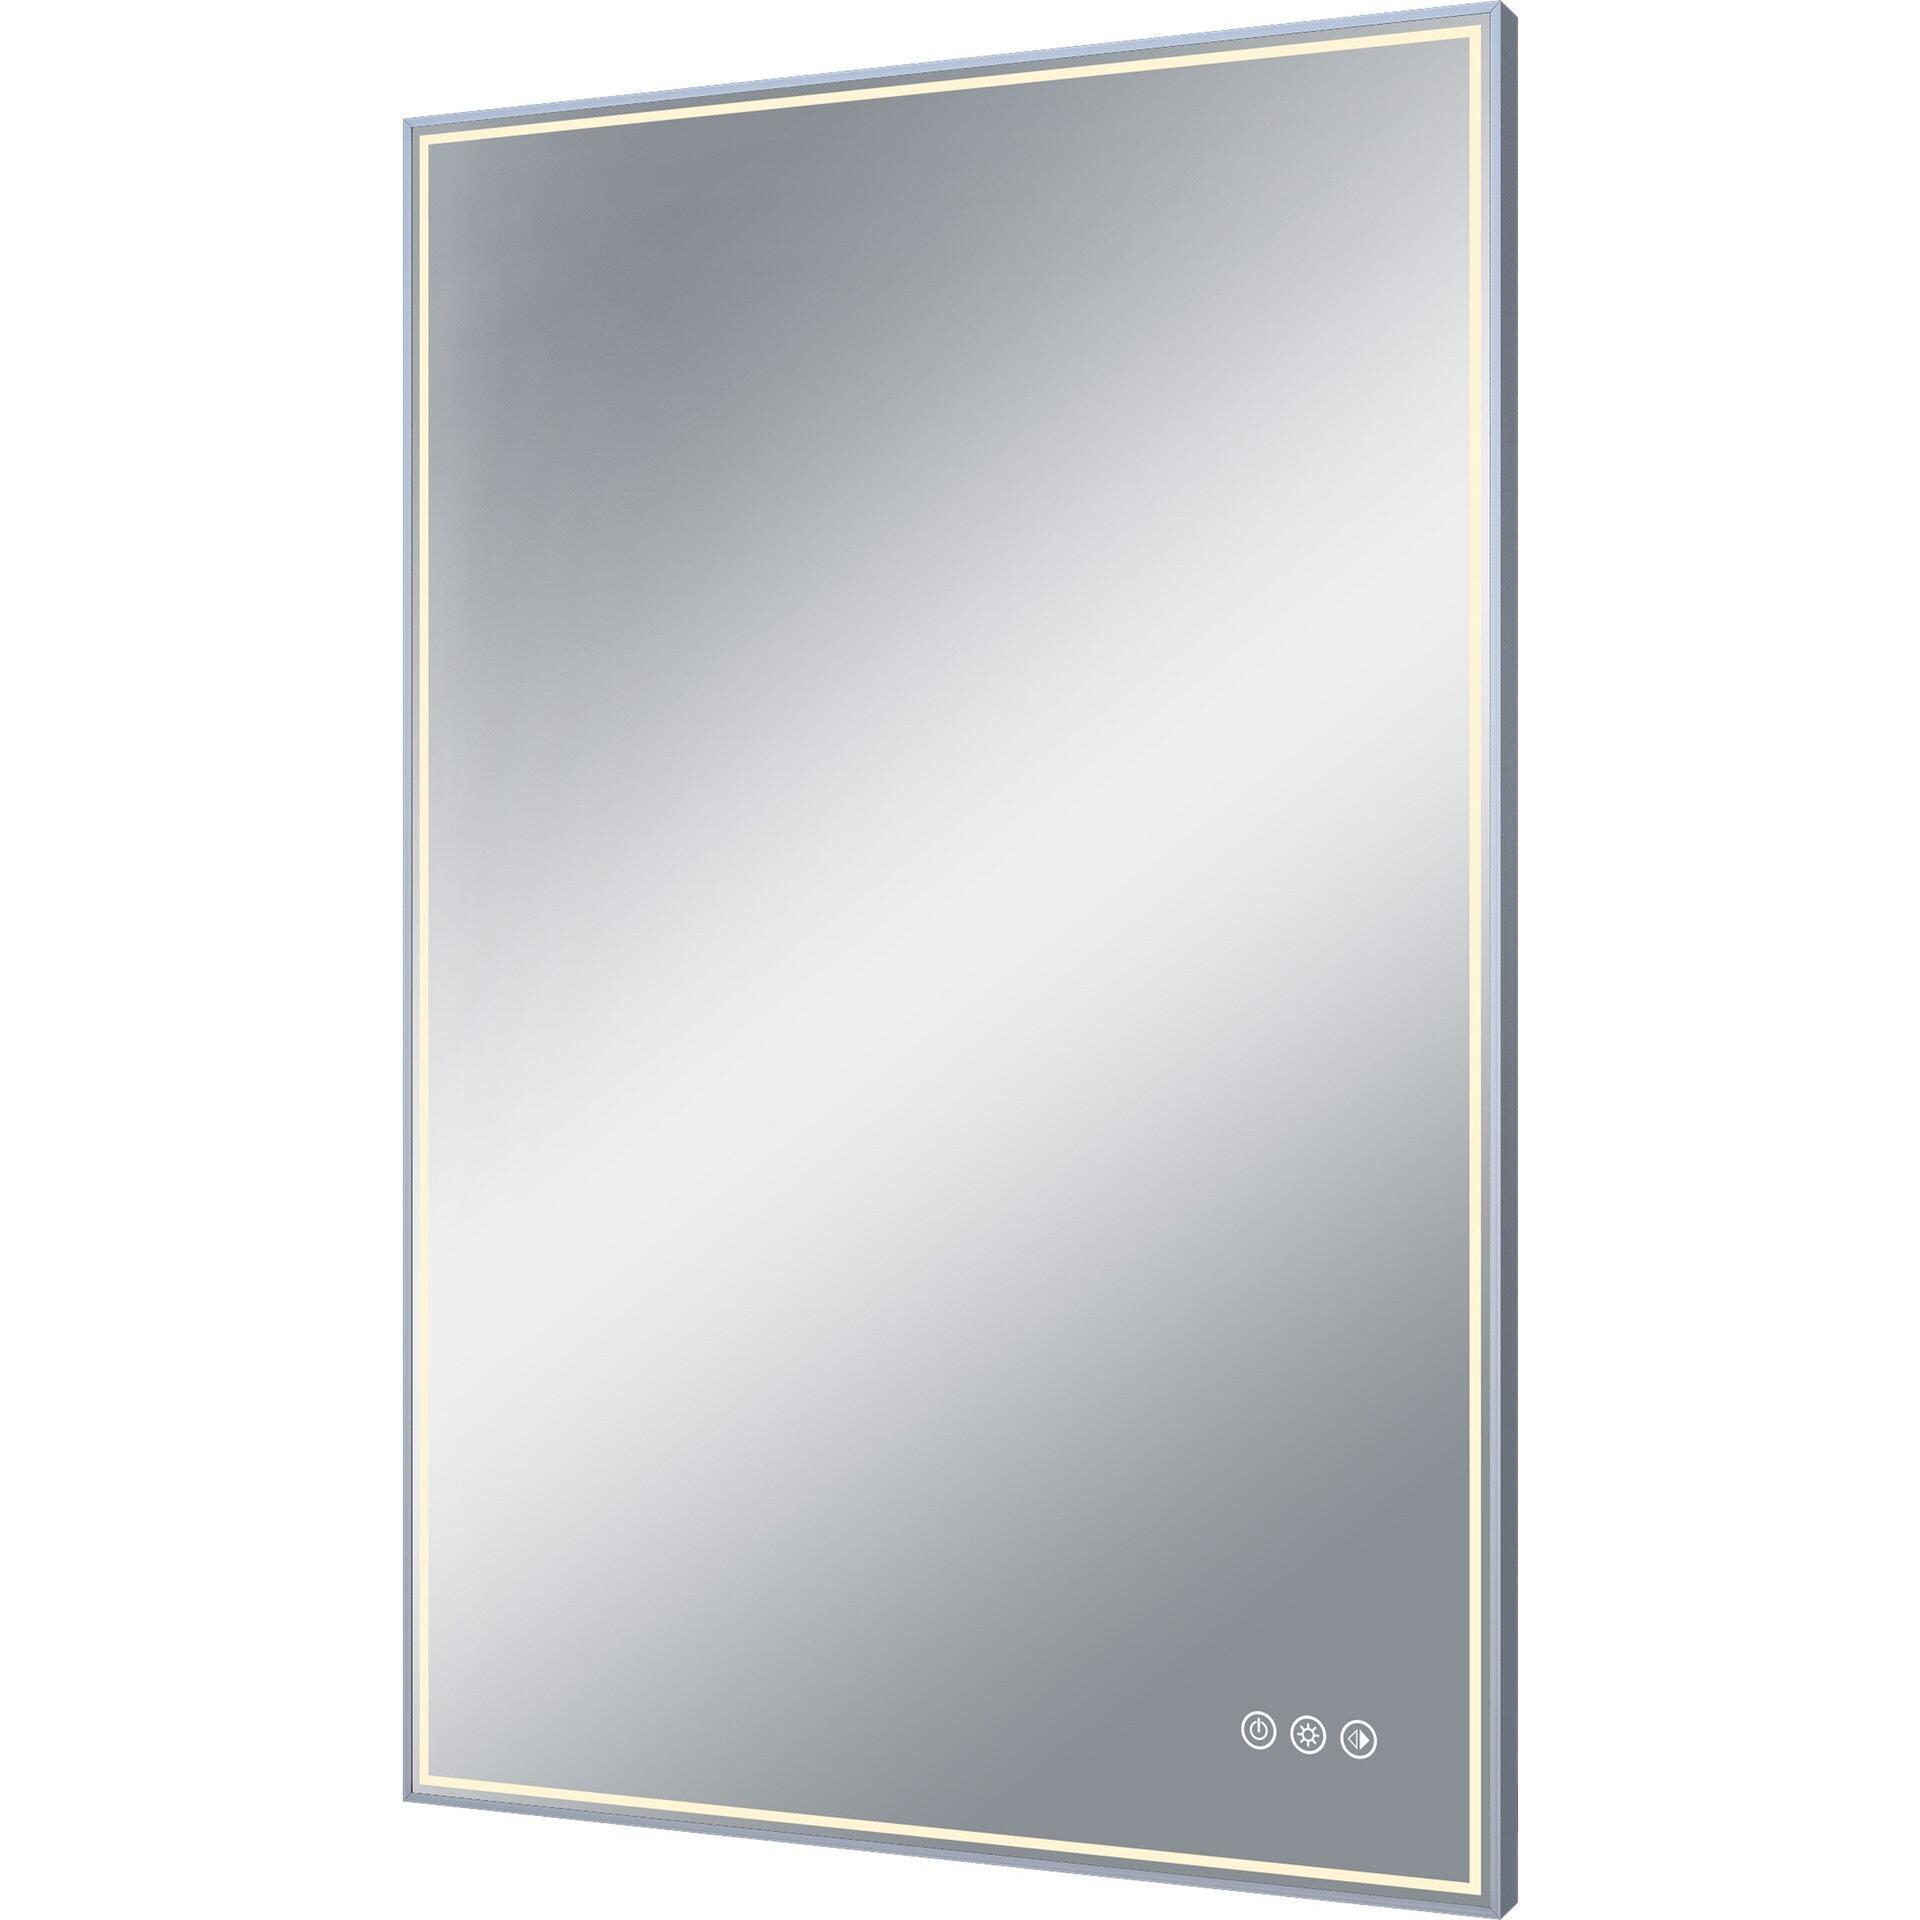 Specchio con illuminazione integrata bagno rettangolare Neo L 60 x H 90 cm SENSEA - 2